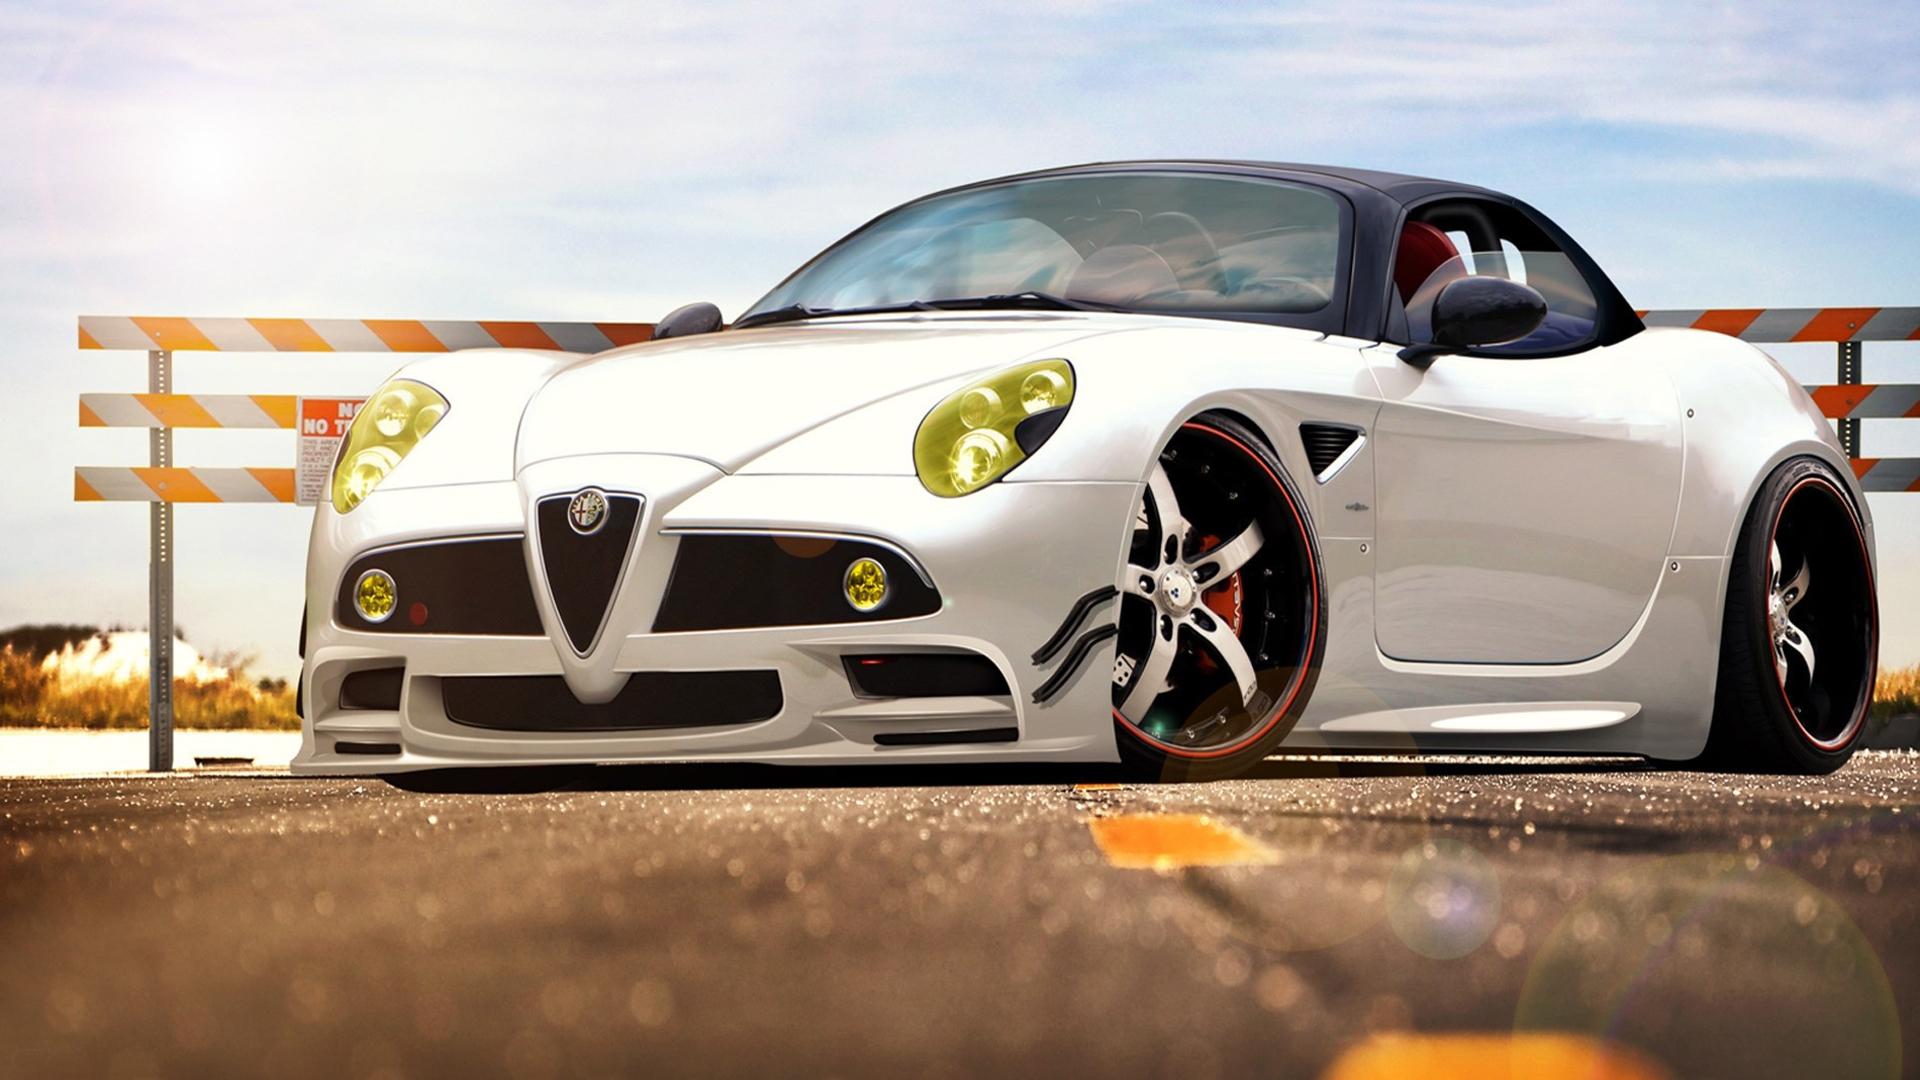 25546 скачать обои Транспорт, Машины, Альфа Ромео (Alfa Romeo) - заставки и картинки бесплатно